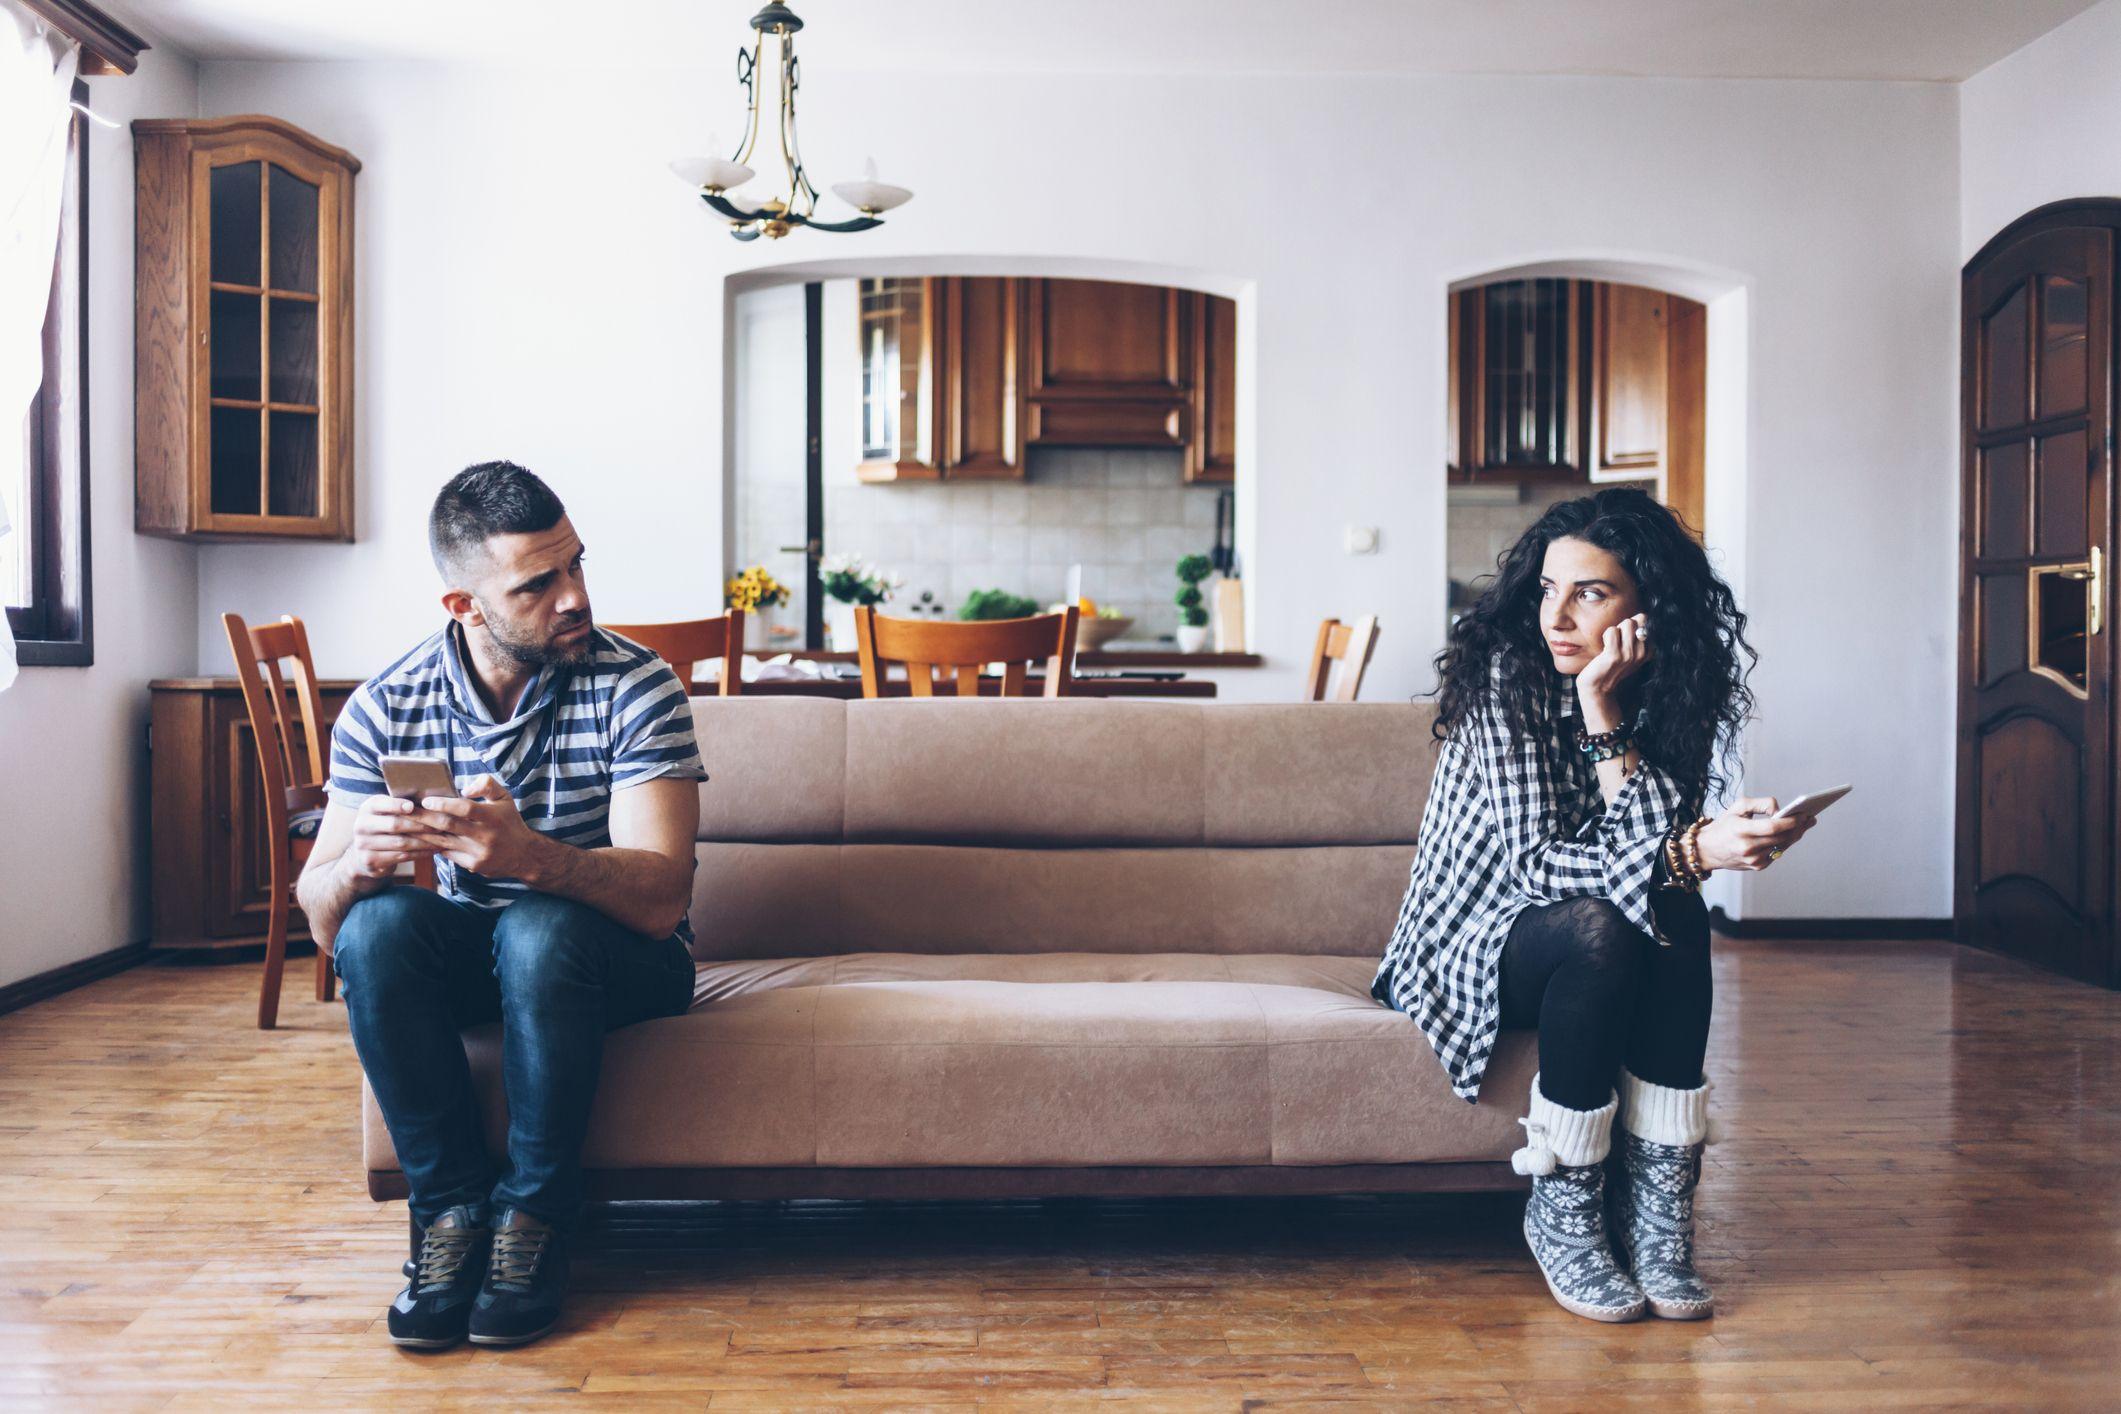 De 5 Belangrijkste Signalen Van Een Ongelukkig Huwelijk